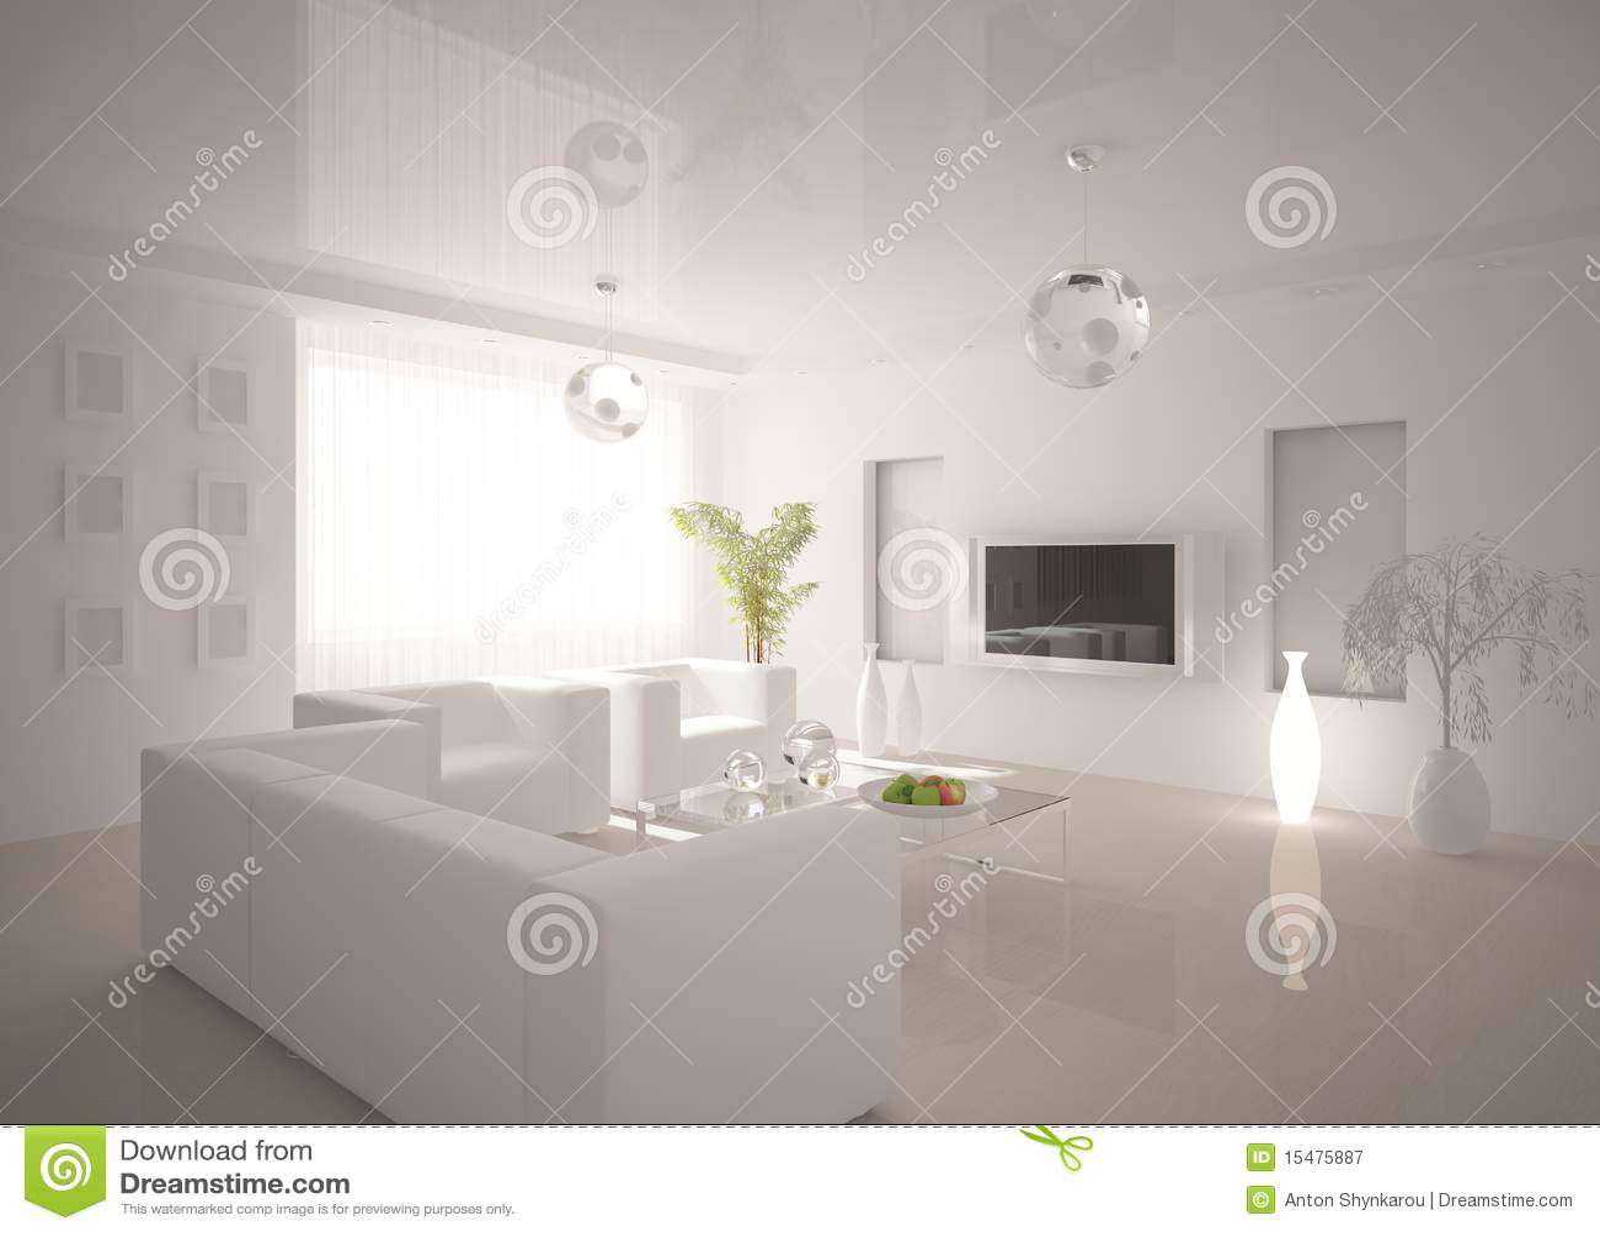 White modern interior